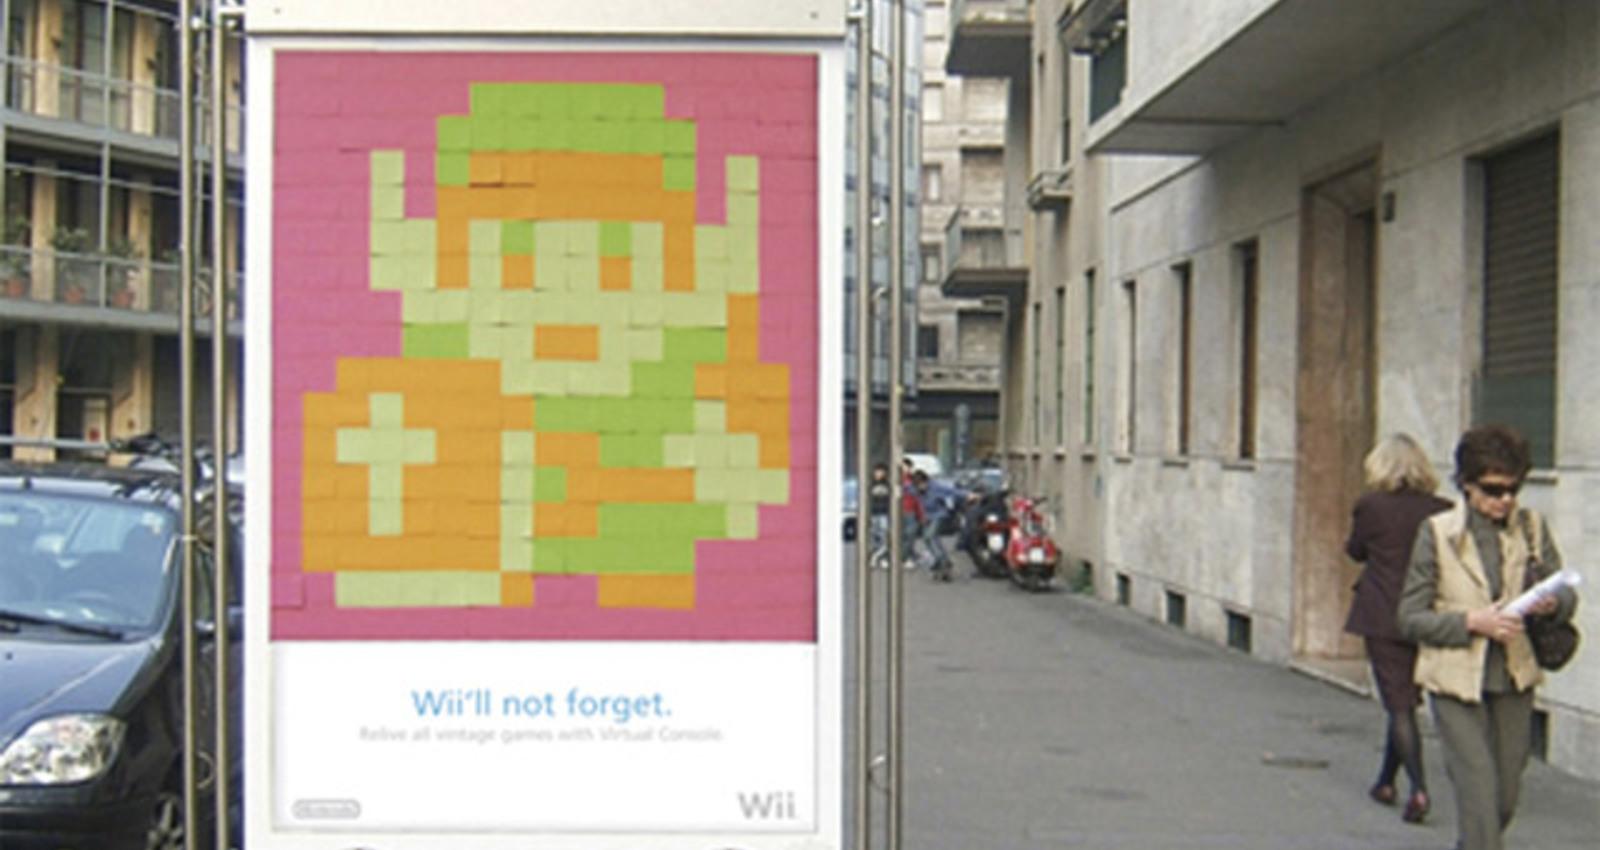 Nintendo Wii Post it